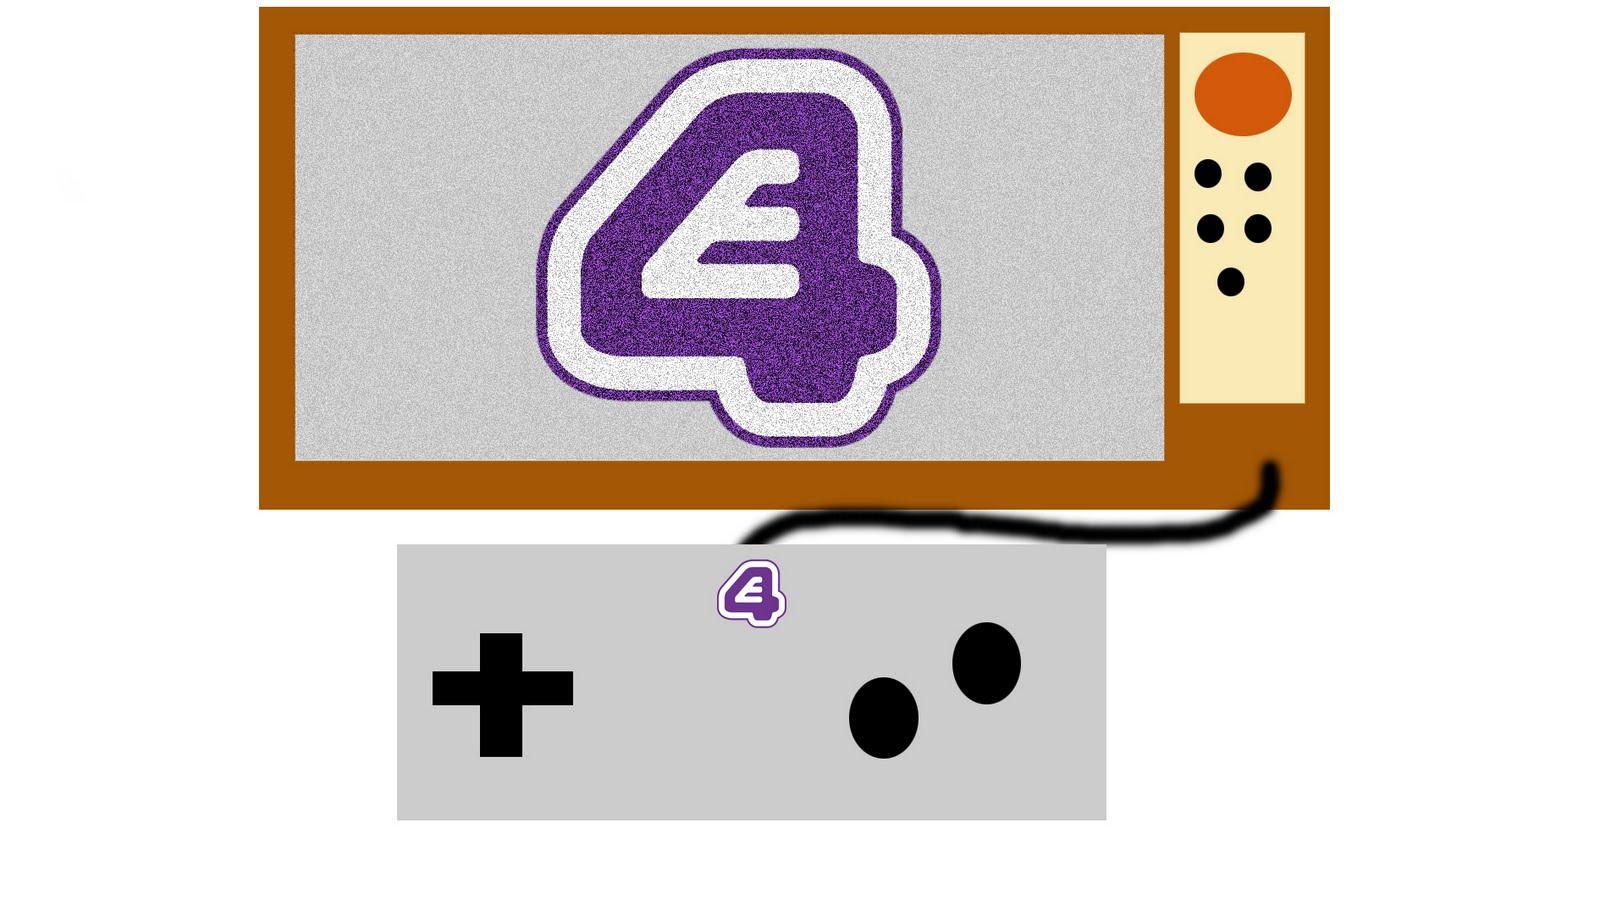 http://4.bp.blogspot.com/-YMR3USJpINo/TbWD6ERk2BI/AAAAAAAABas/Cel5xIsFL9Y/s1600/E4%2BImage.jpg